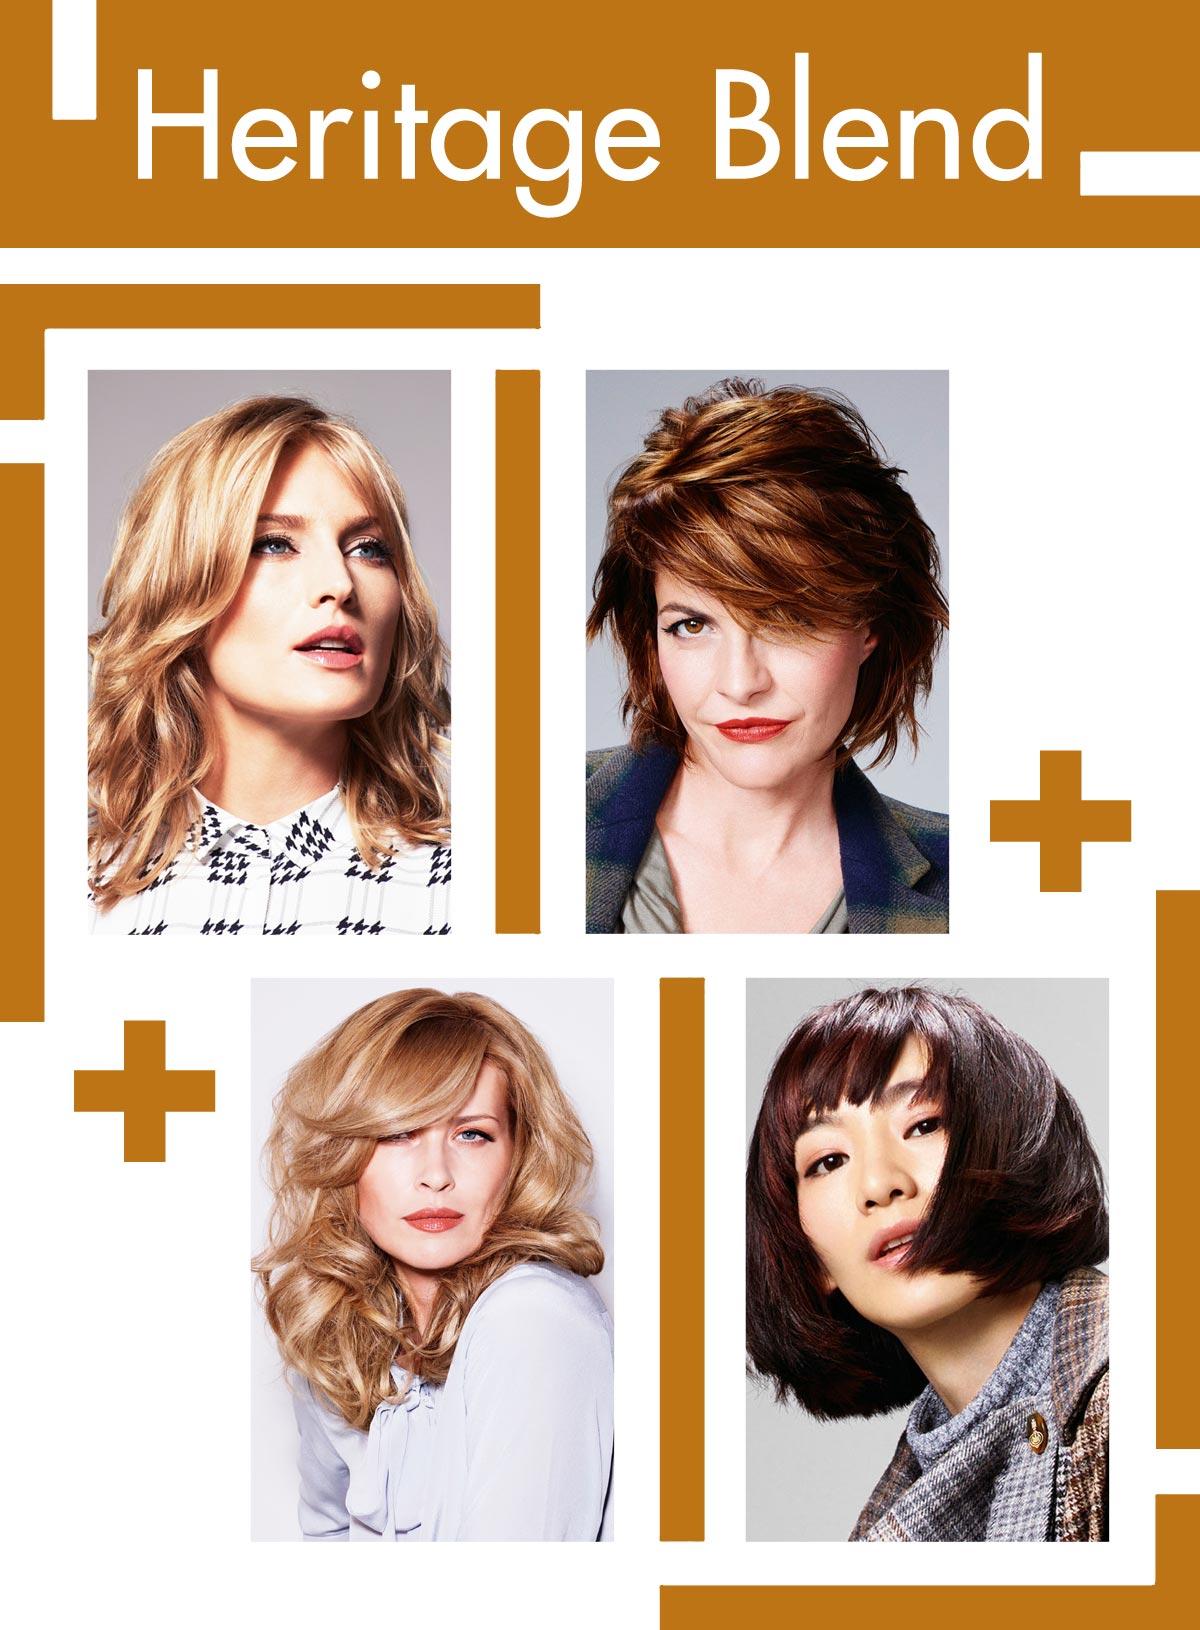 Trendy účesy pro starší ženy Schwarzkopf Professional – Heritage Blend.